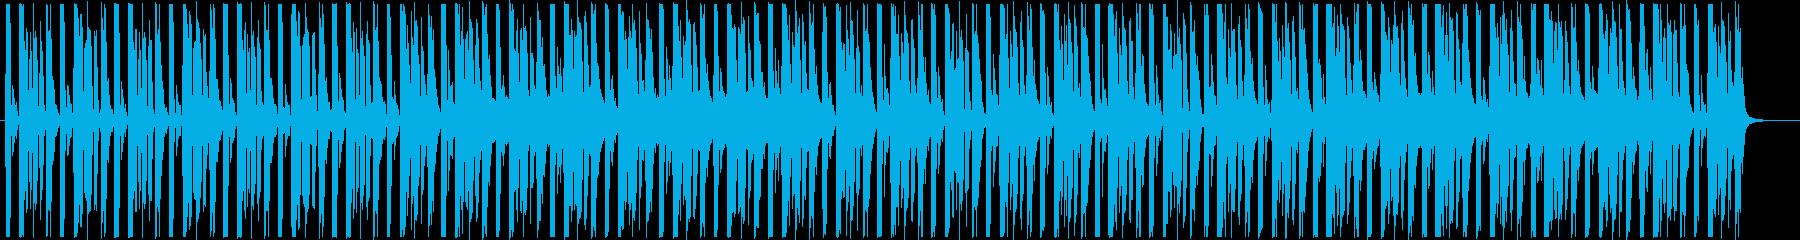 クールでソウルフルなディープハウスの再生済みの波形